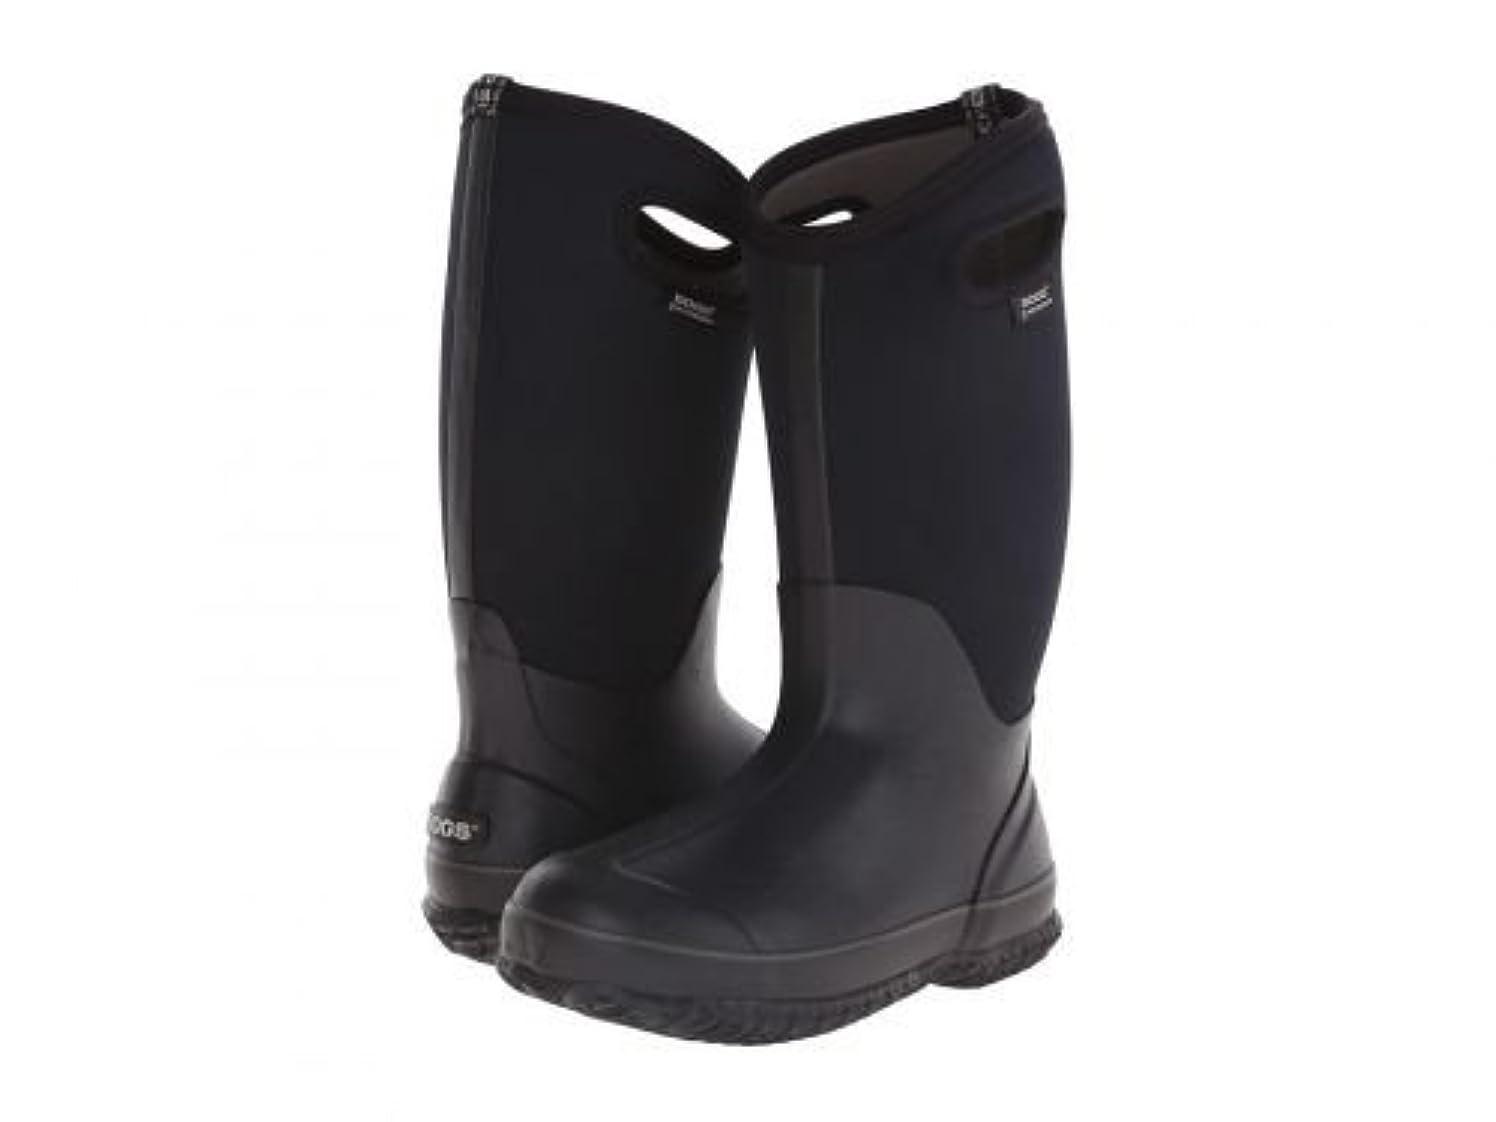 絶望視線鉄道Bogs(ボグス) レディース 女性用 シューズ 靴 ブーツ スノーブーツ Classic High Handles - Black 6 D - Wide [並行輸入品]